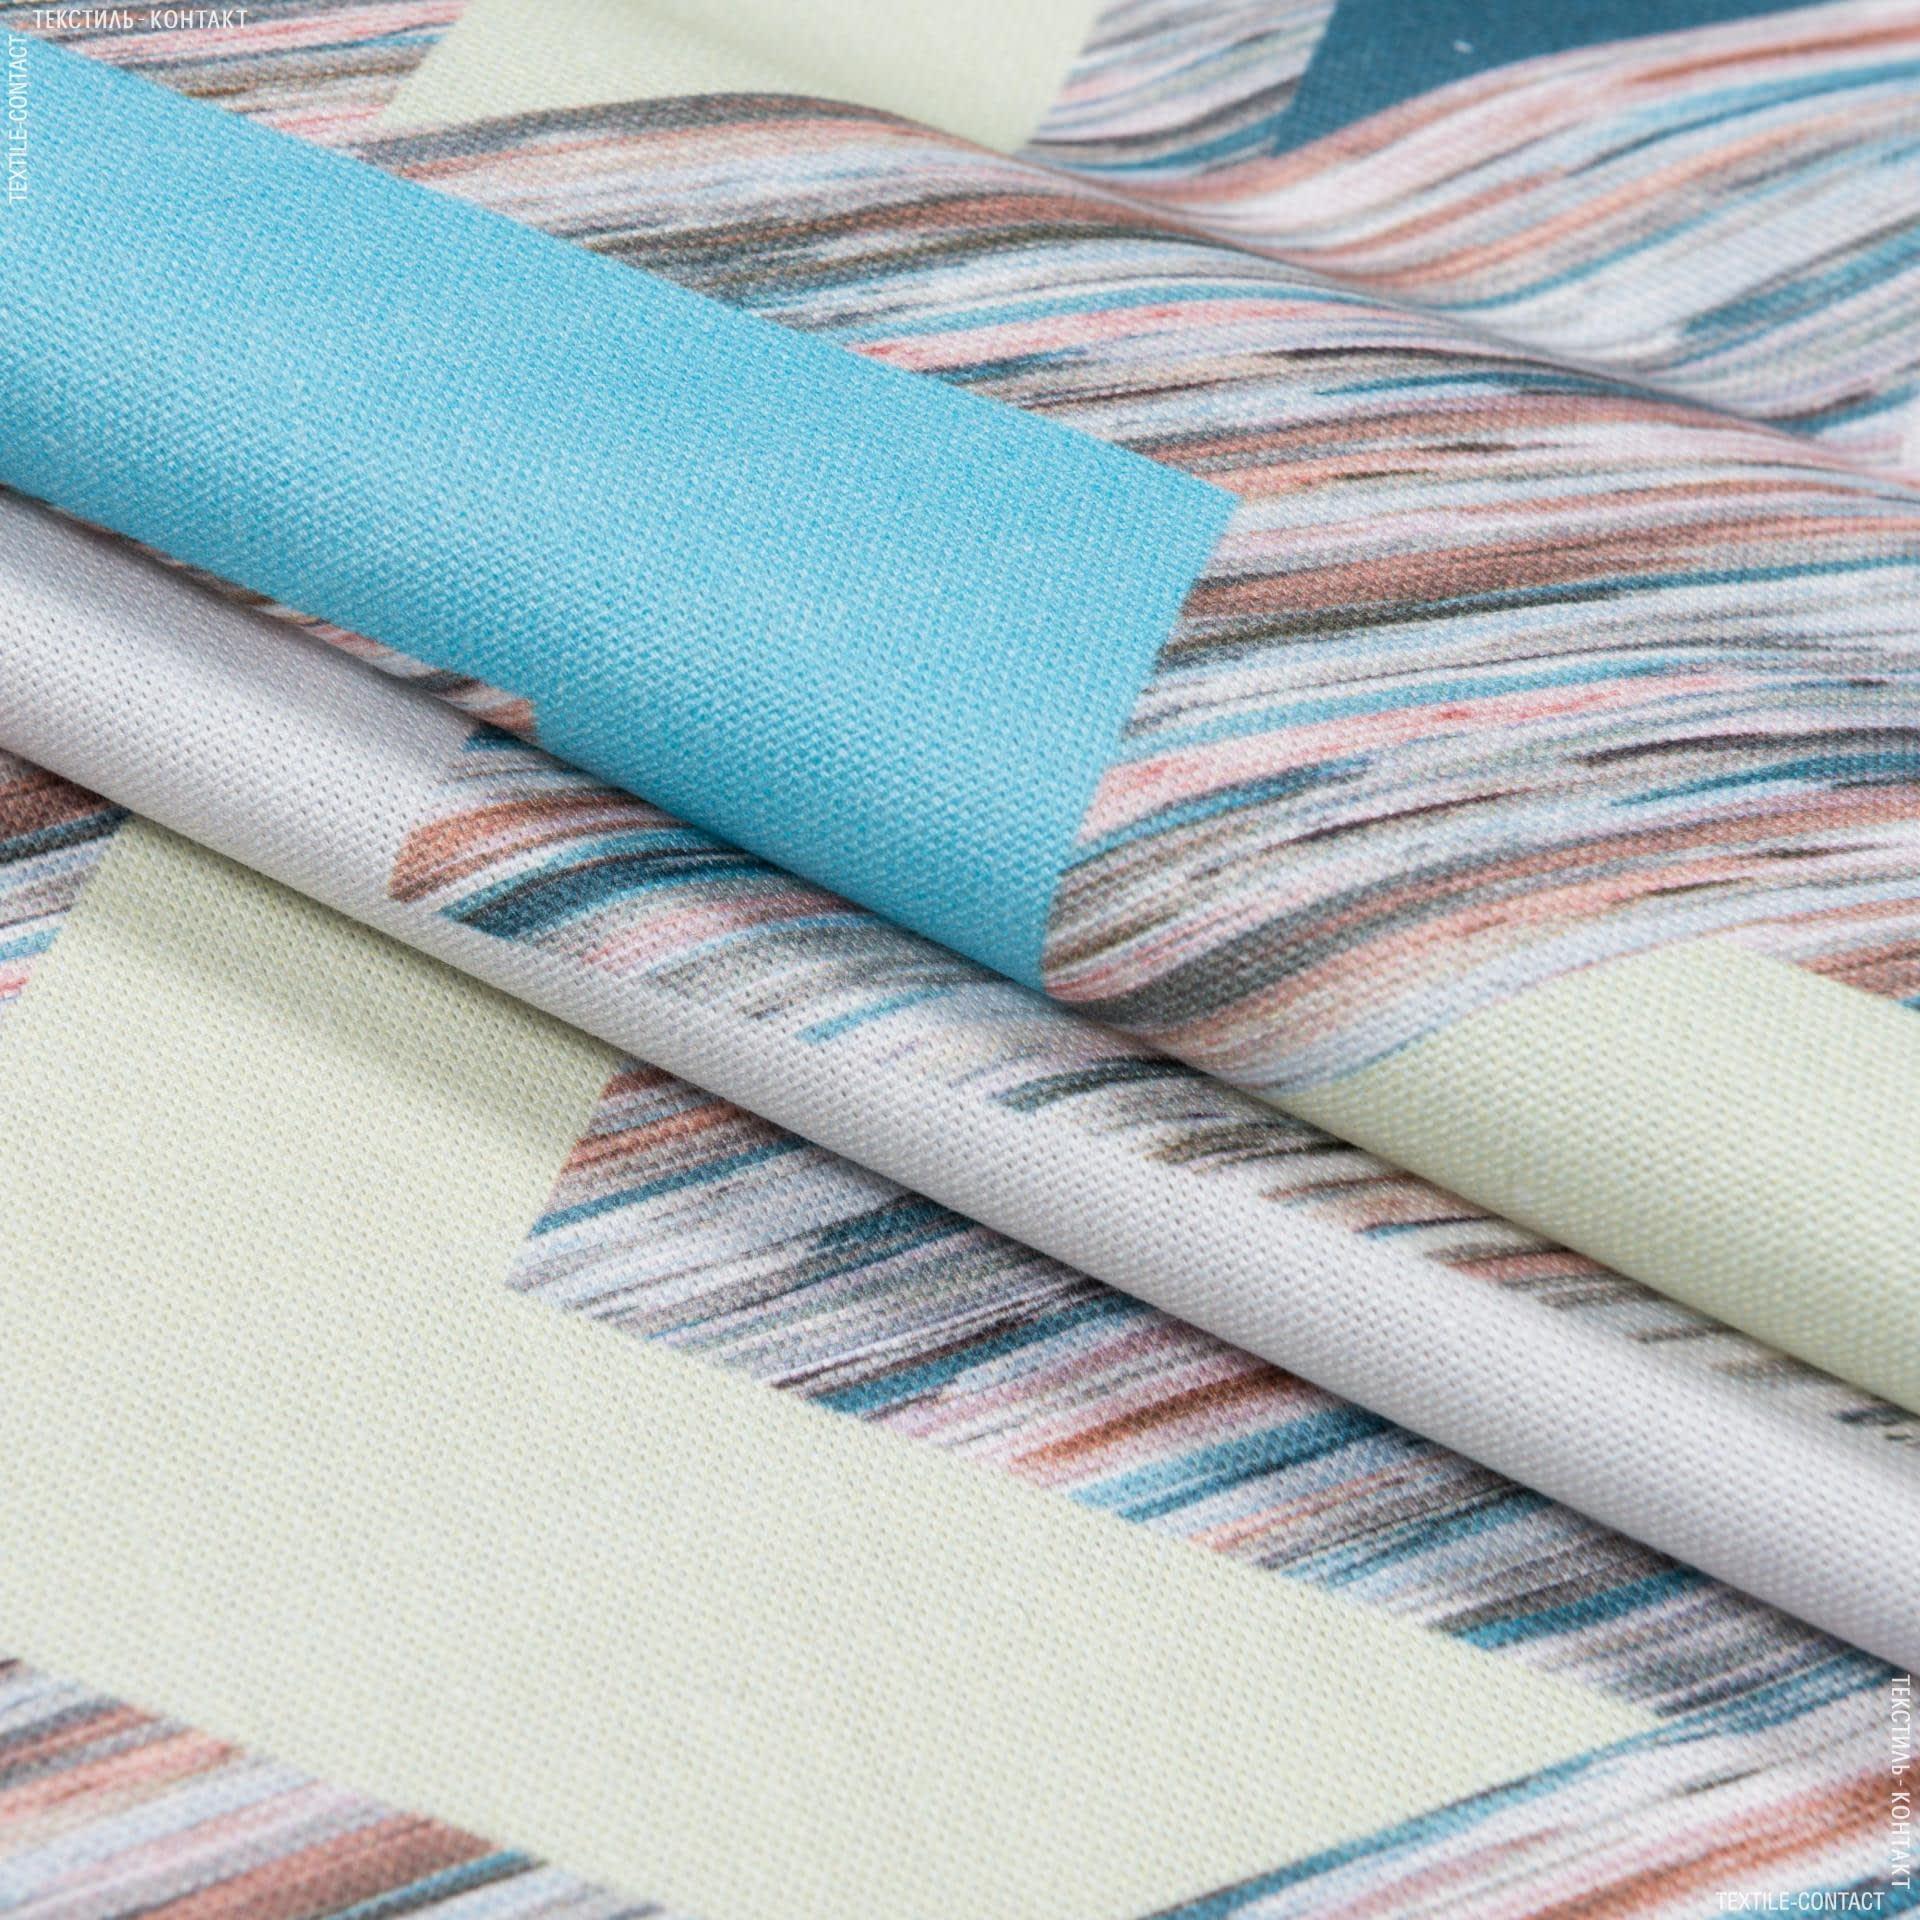 Ткани портьерные ткани - Декоративная ткань  росас зигзаг/rosas  голубой,мор.волна,св.оливка